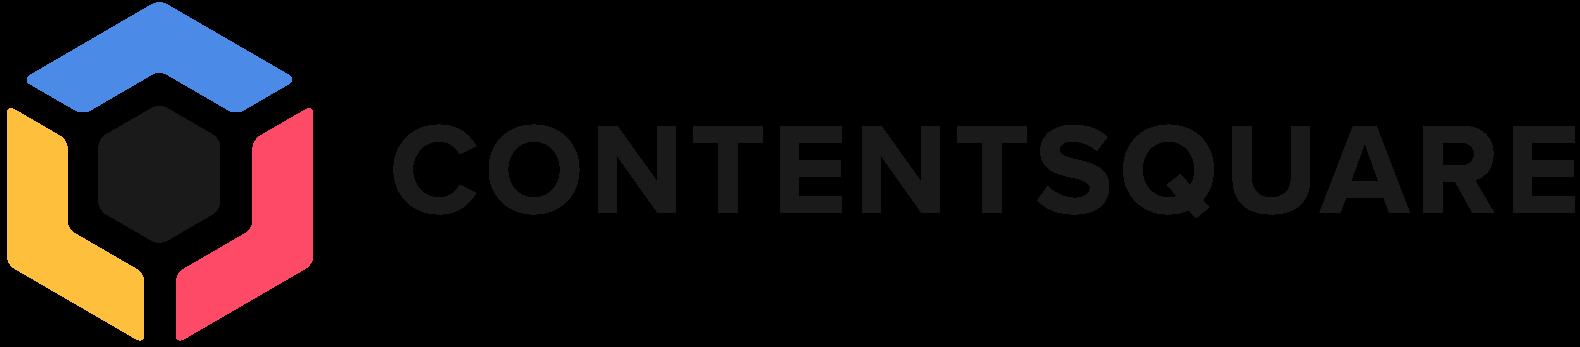 contentsquare-aspect-ratio-x